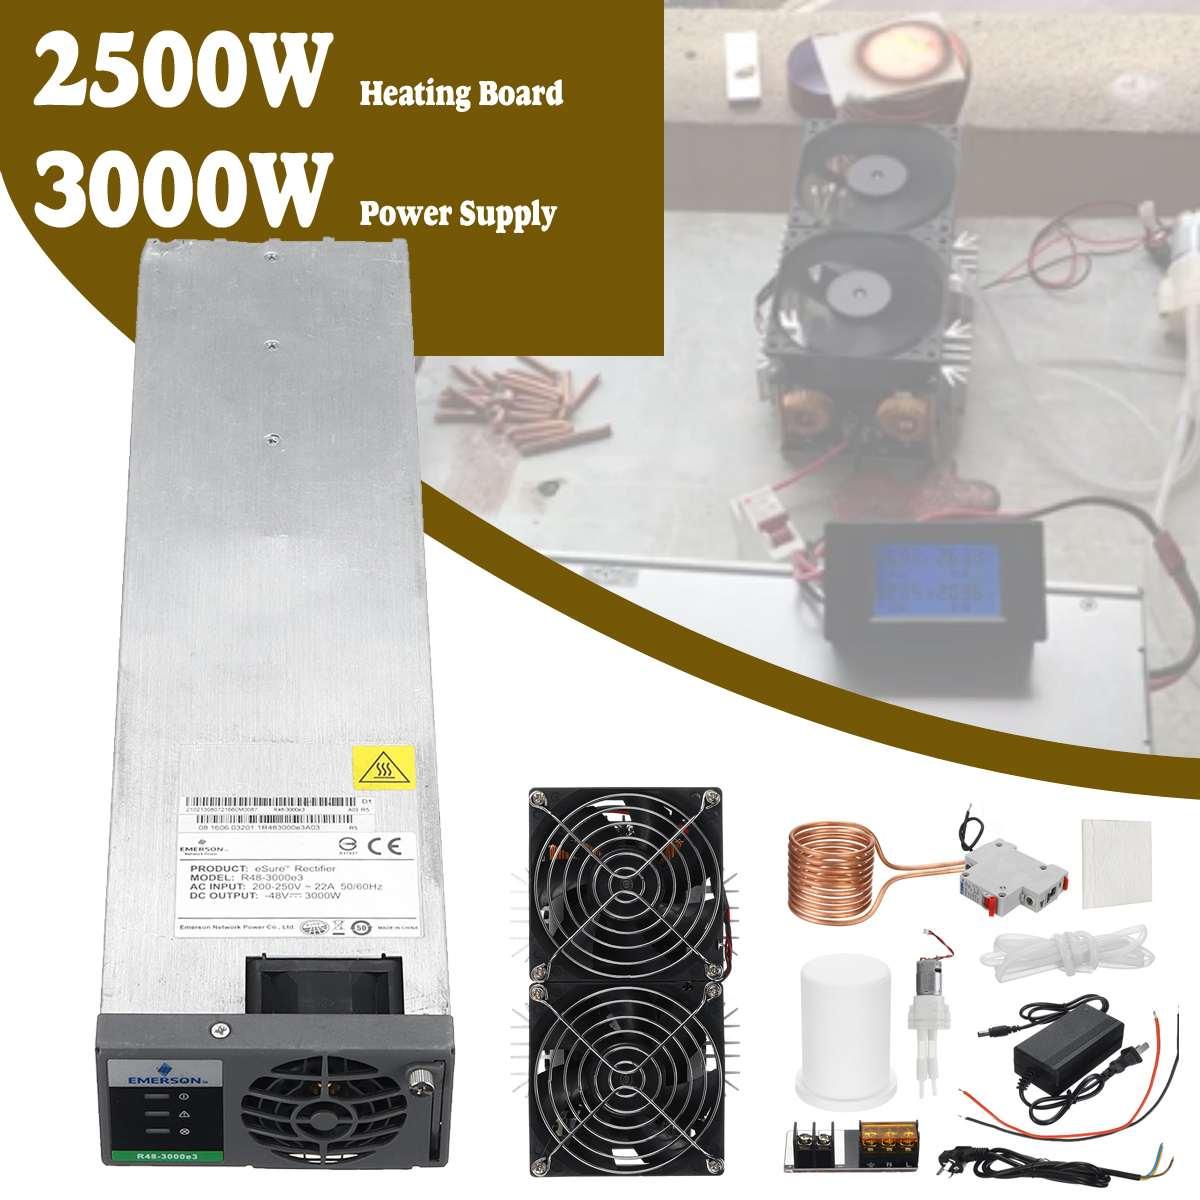 3000 w zvs indução aquecedor máquina de aquecimento placa pcb módulo flyback driver ventilador legal + 48 v 3000 w fonte alimentação + bobina bomba